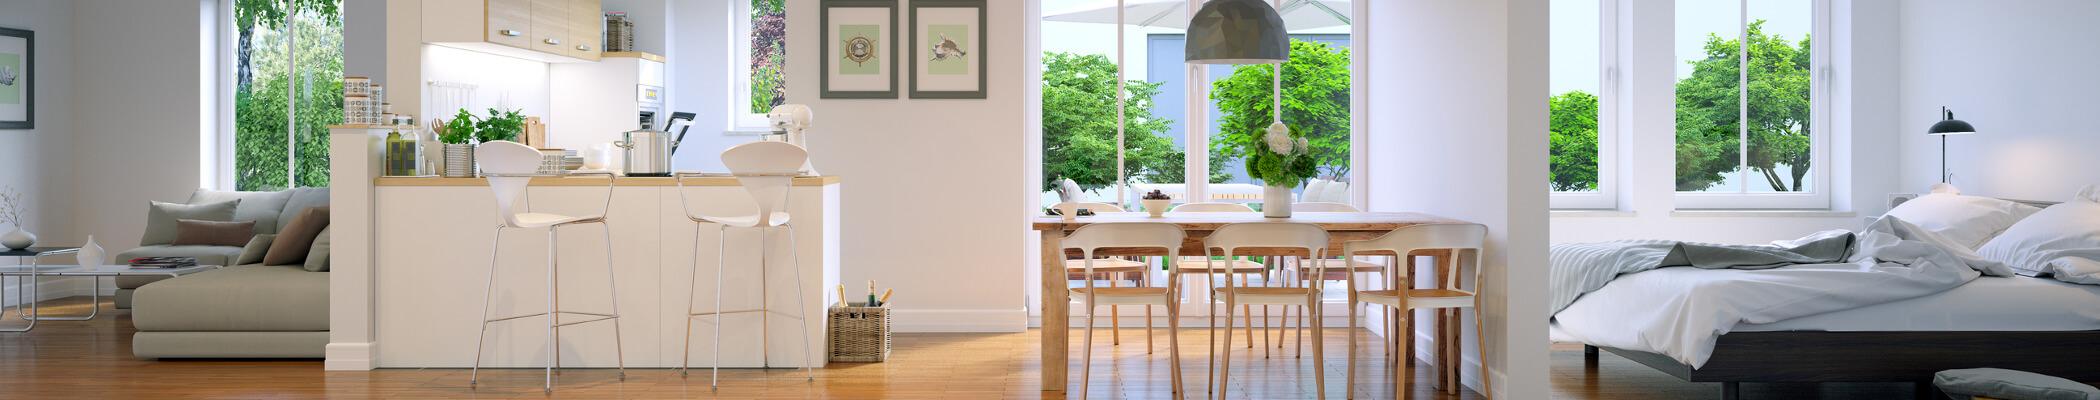 haus wohnen ffentliche versicherung braunschweig. Black Bedroom Furniture Sets. Home Design Ideas